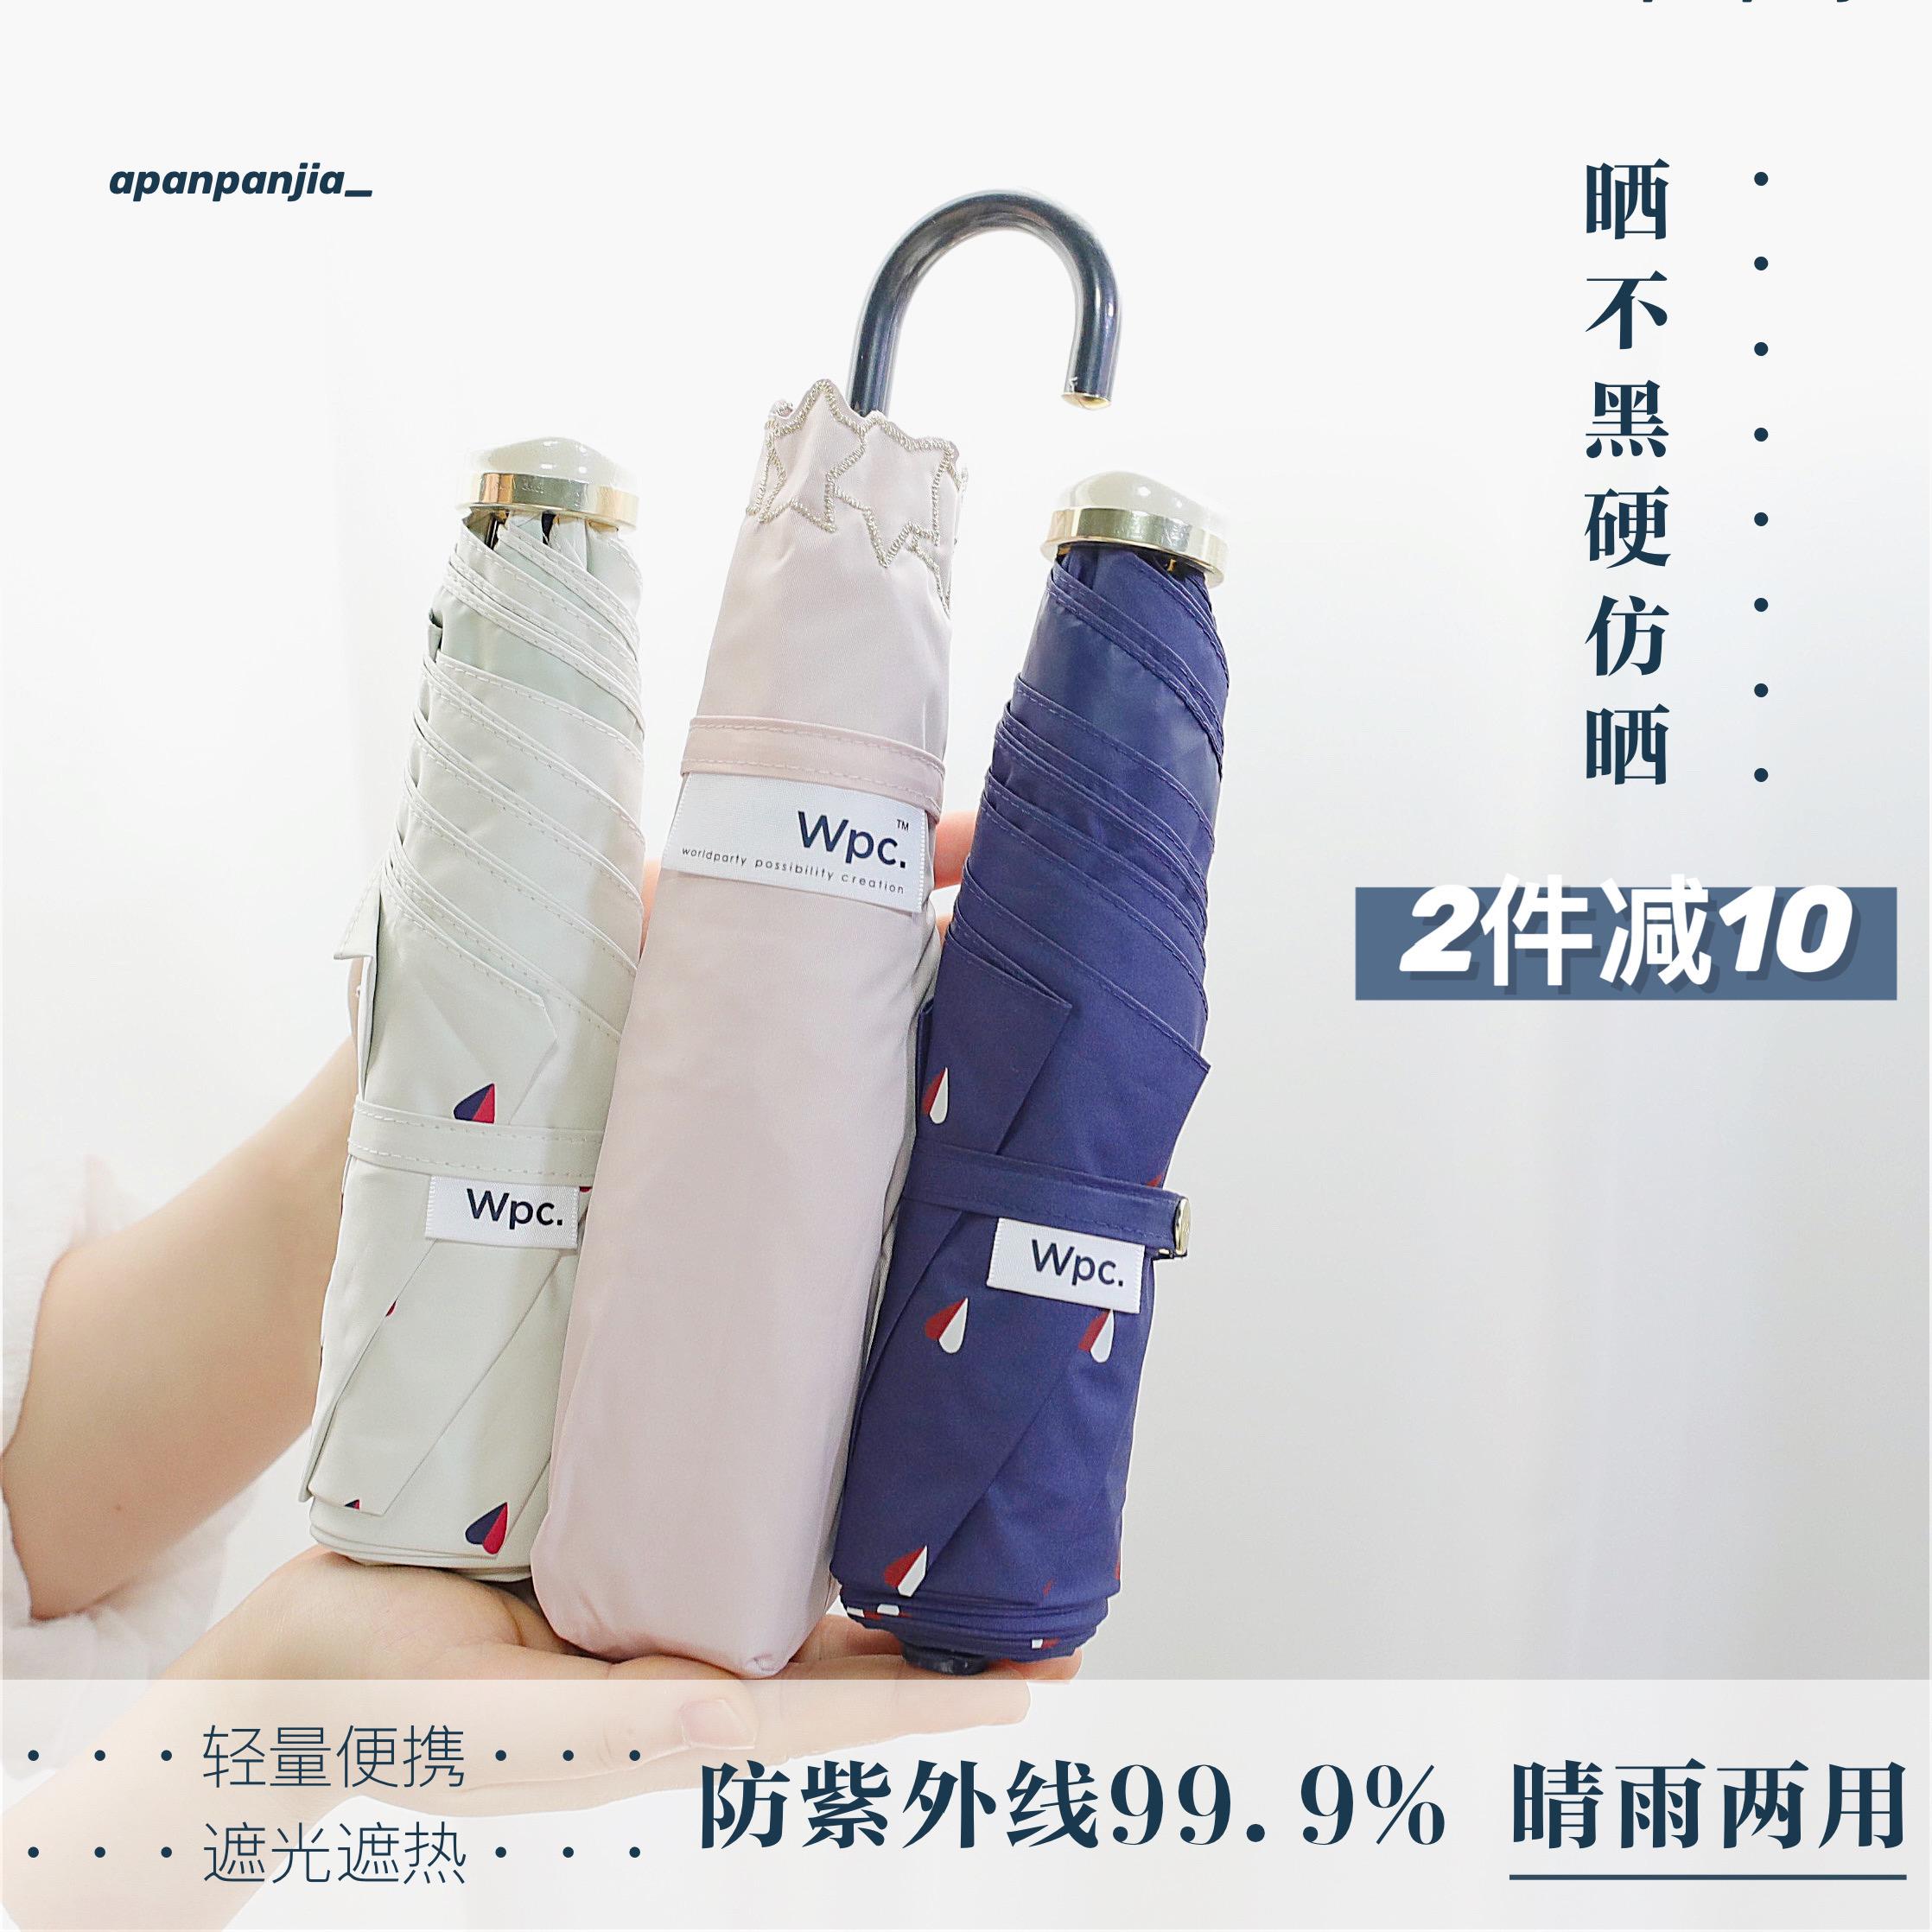 日本WPC防晒伞防紫外线99% UV防晒带涂层 晴雨两用 轻巧便携